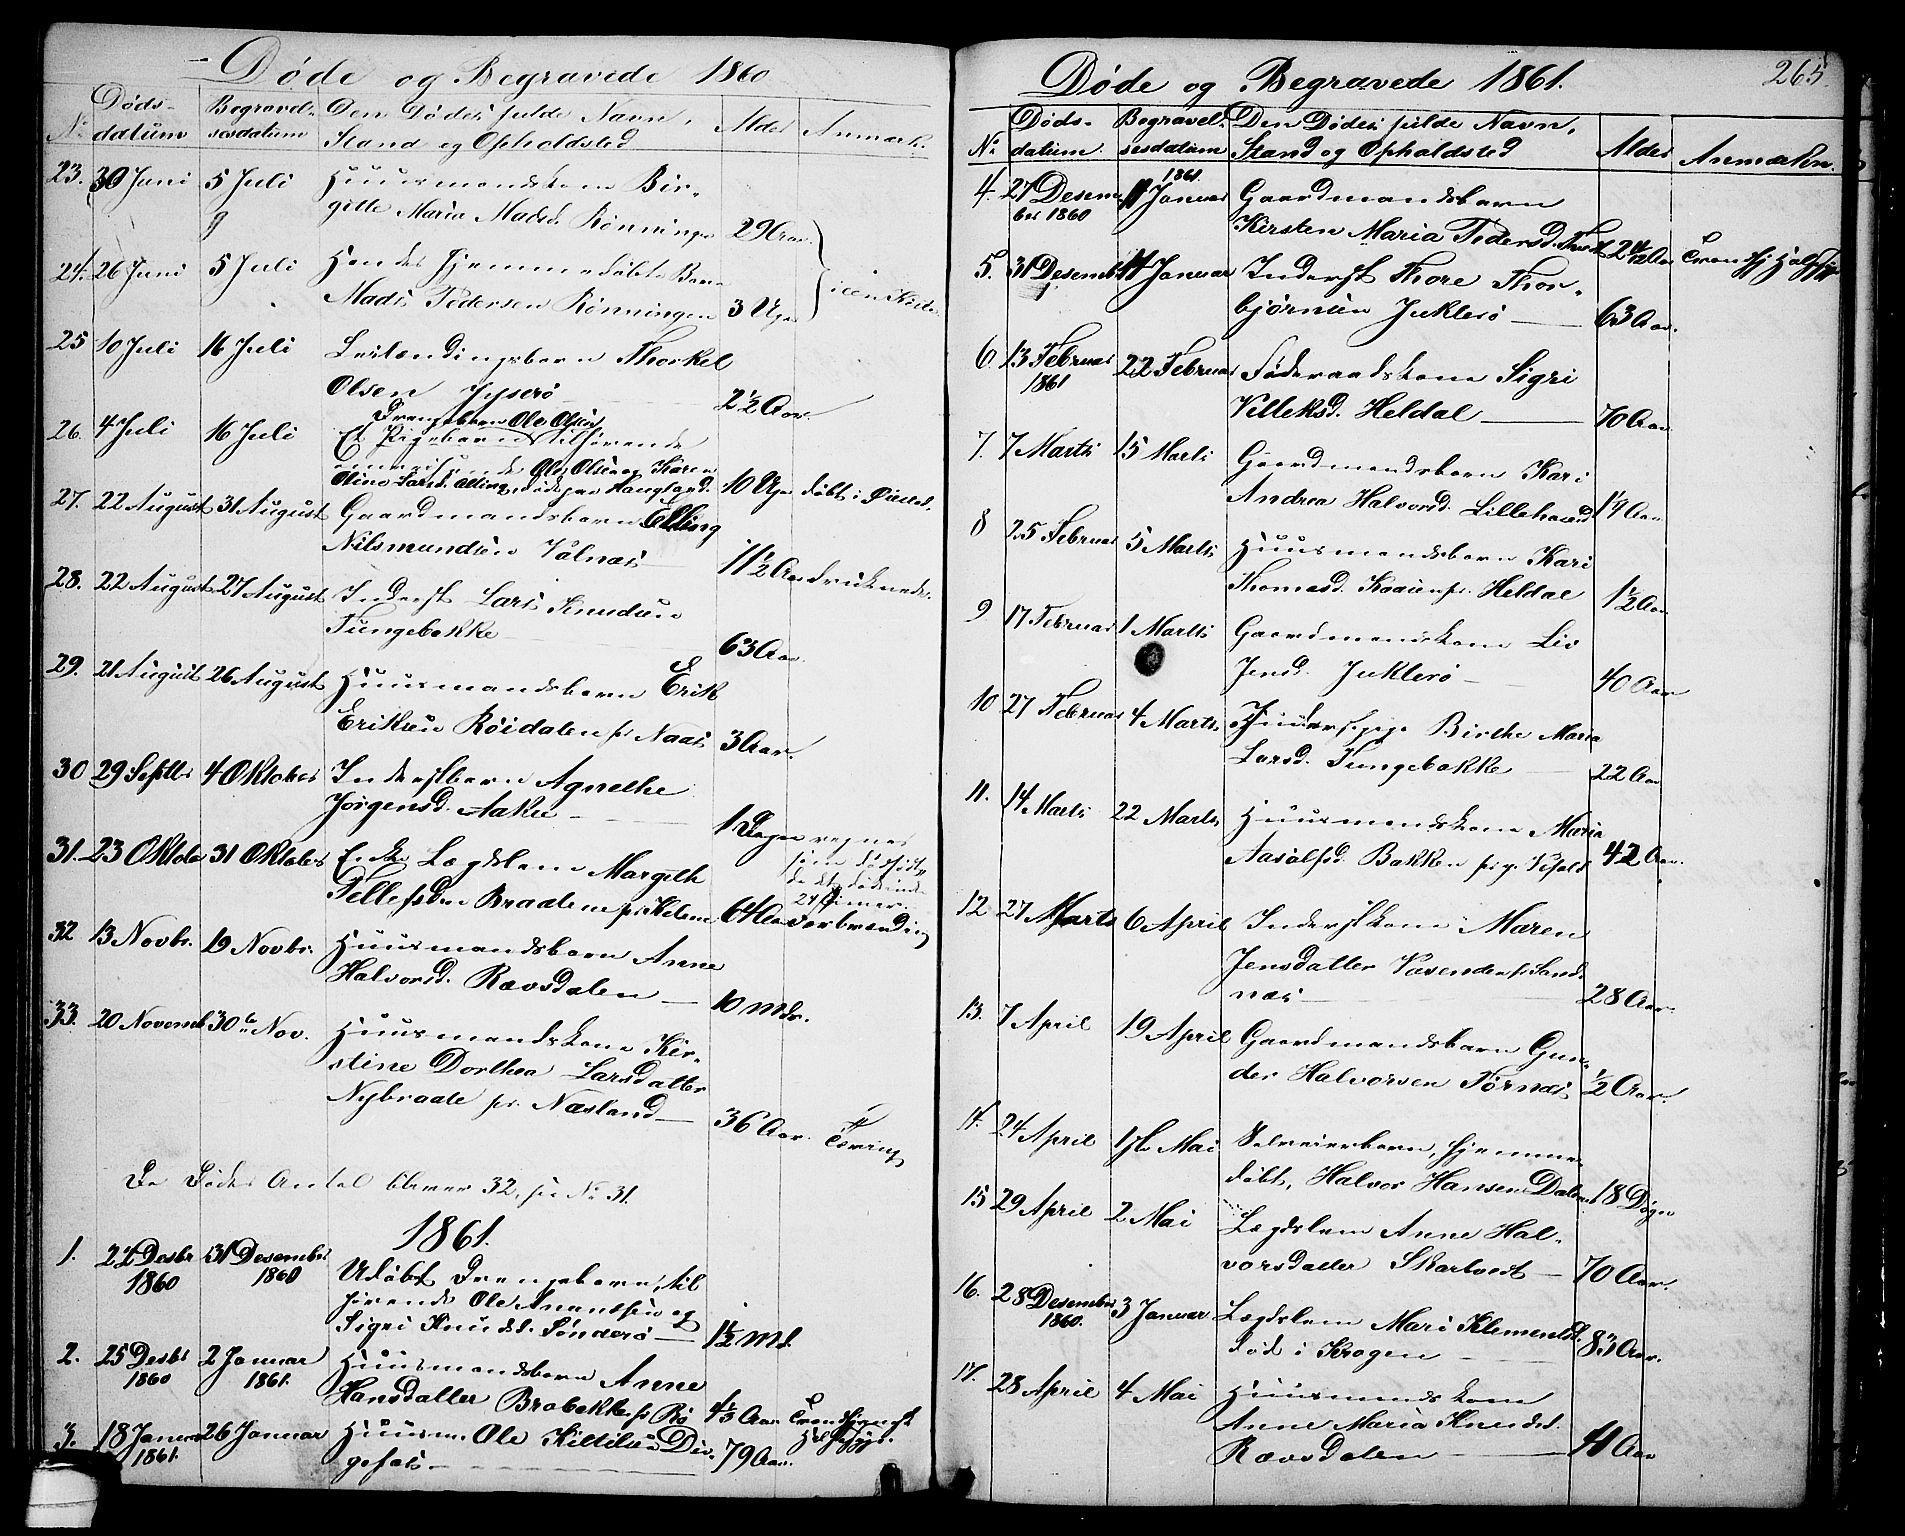 SAKO, Drangedal kirkebøker, G/Ga/L0002: Klokkerbok nr. I 2, 1856-1887, s. 265